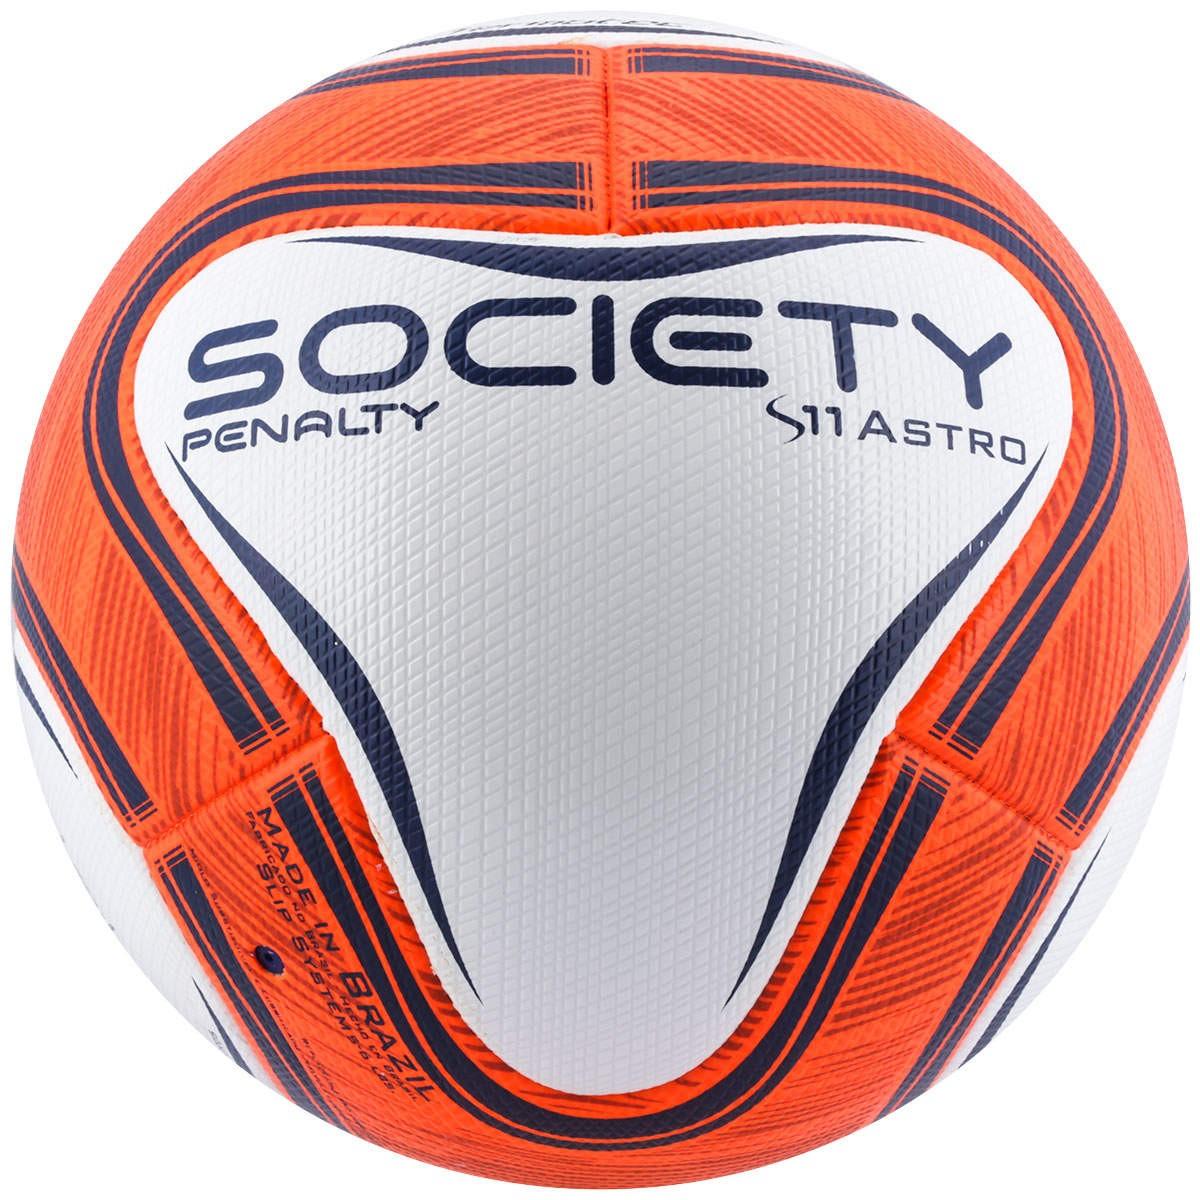 Bola Penalty Society S11 Pro Astro Ko Vii 8fead2f4f2cd0